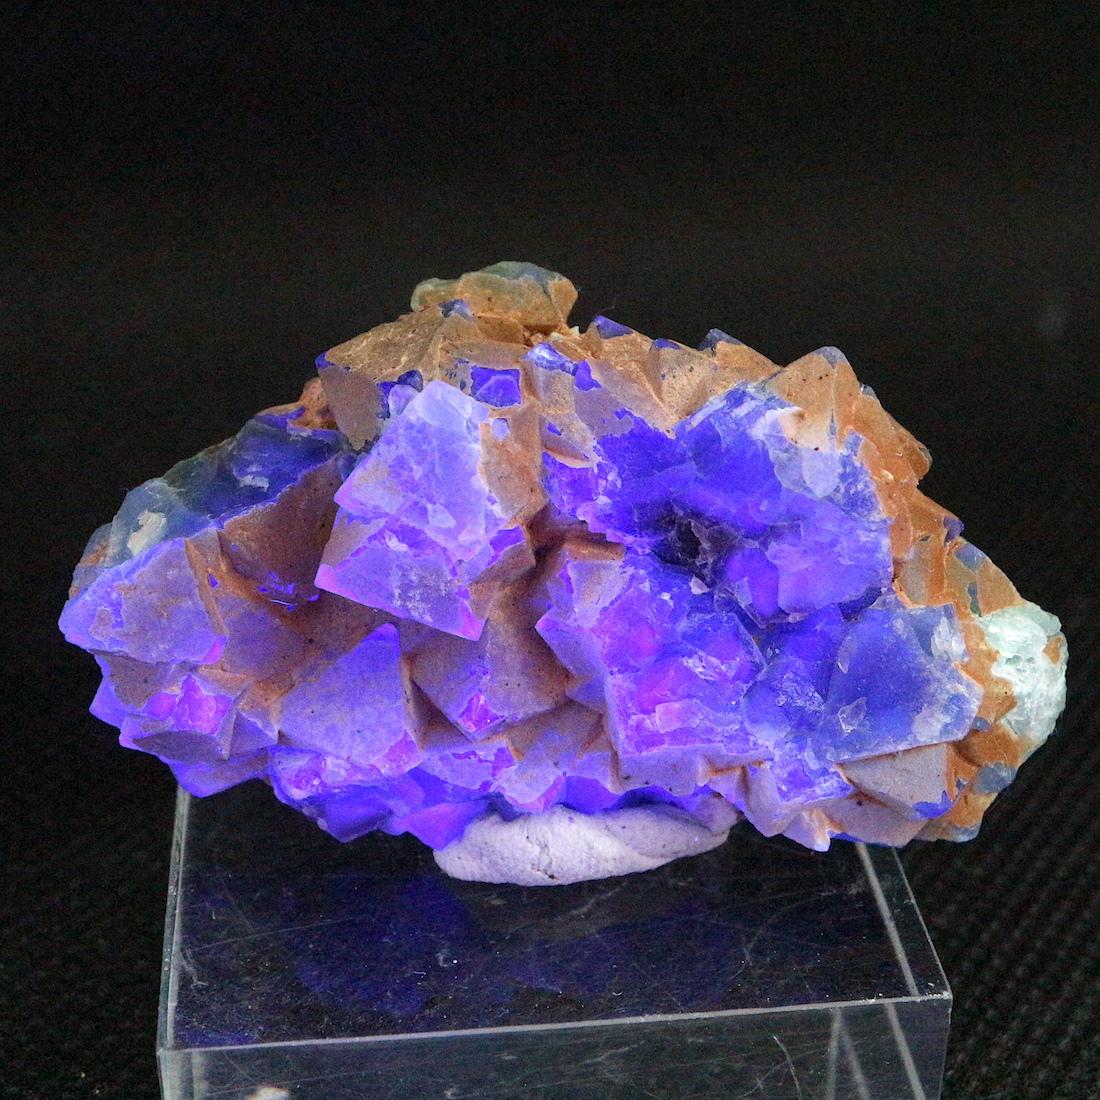 自主採掘!カリフォルニア産 フローライト 蛍石 原石 30,7g  FL165 鉱物 天然石 パワーストーン